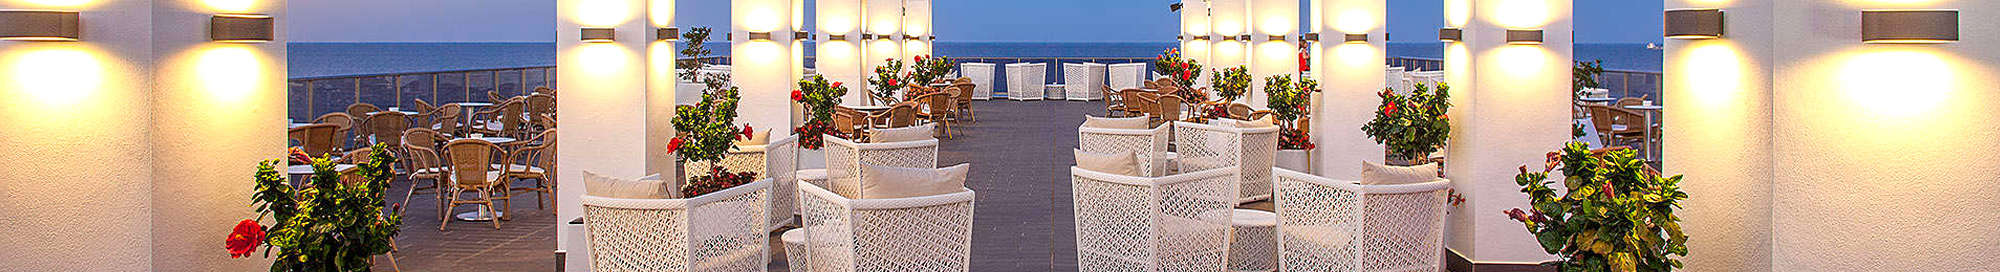 Weekendje weg met de beste terrassen